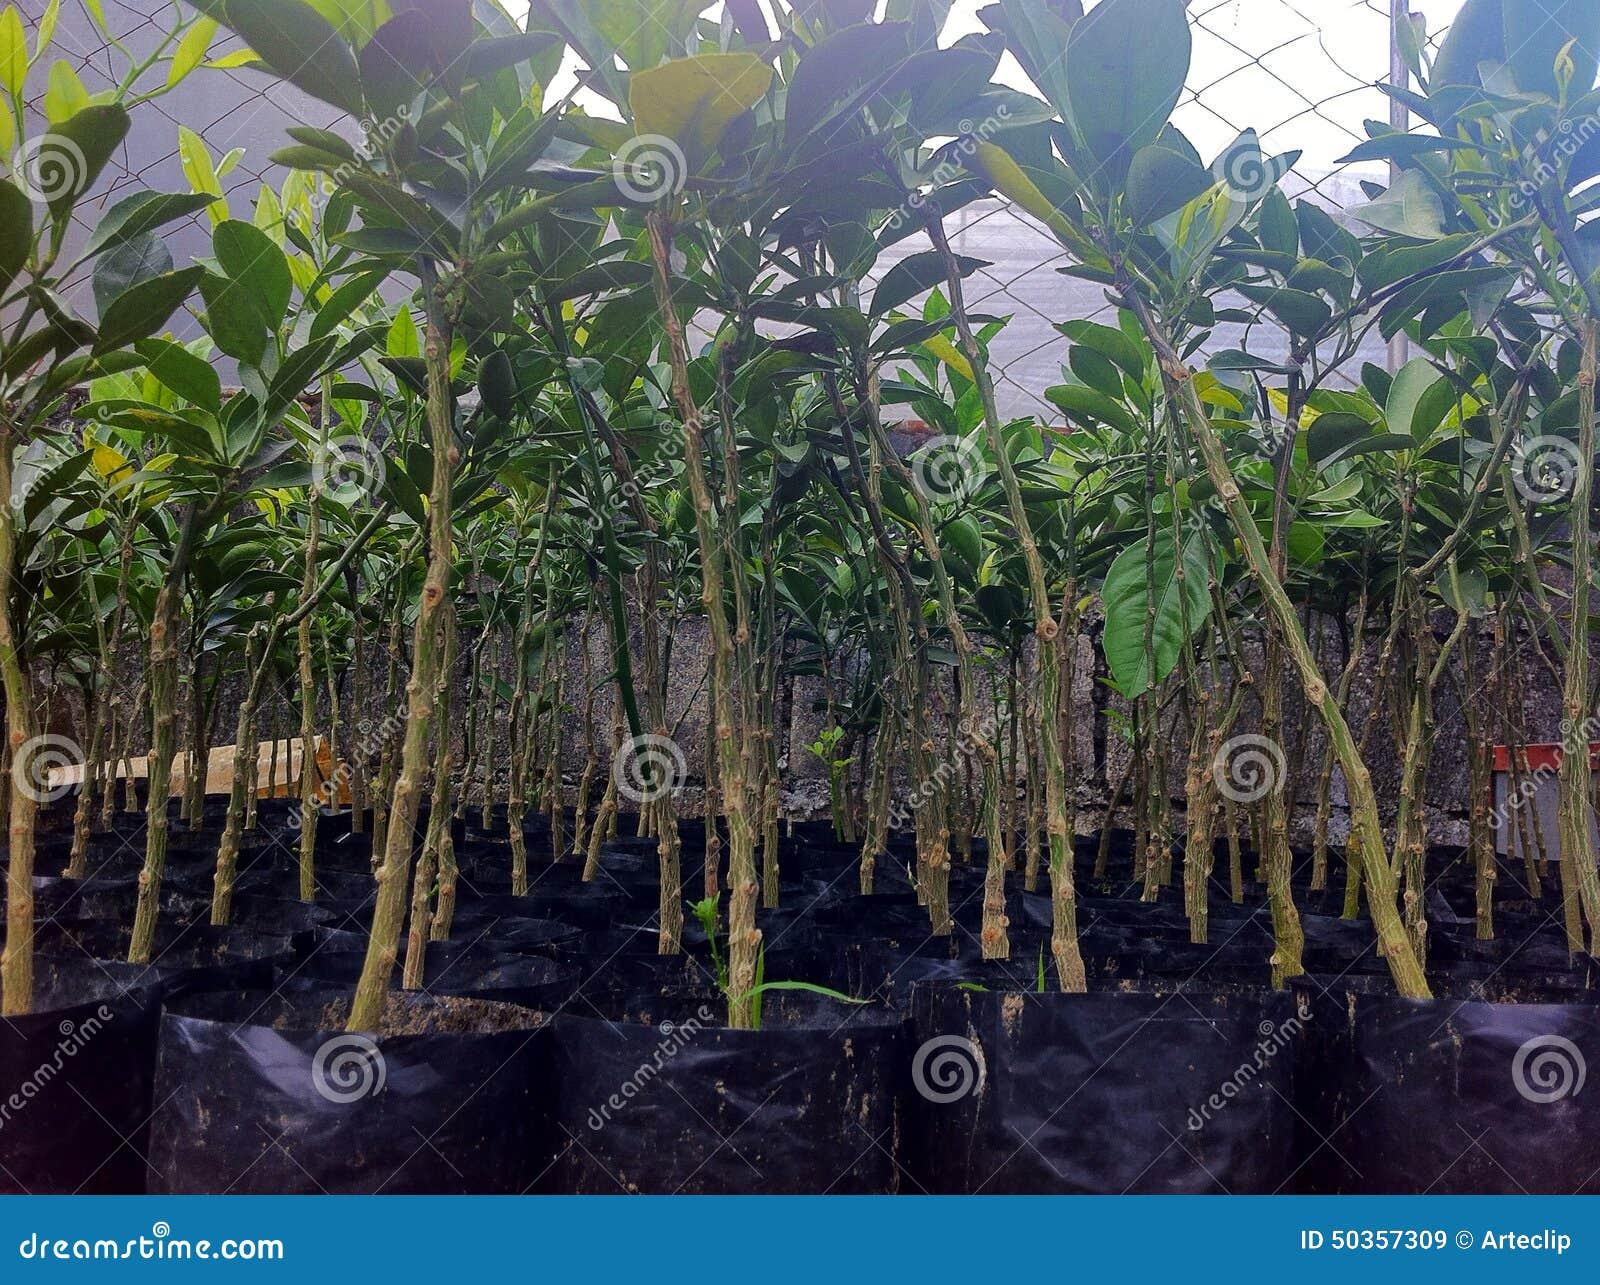 Citrus seedlings stock photo image 50357309 for When to transplant lemon tree seedlings